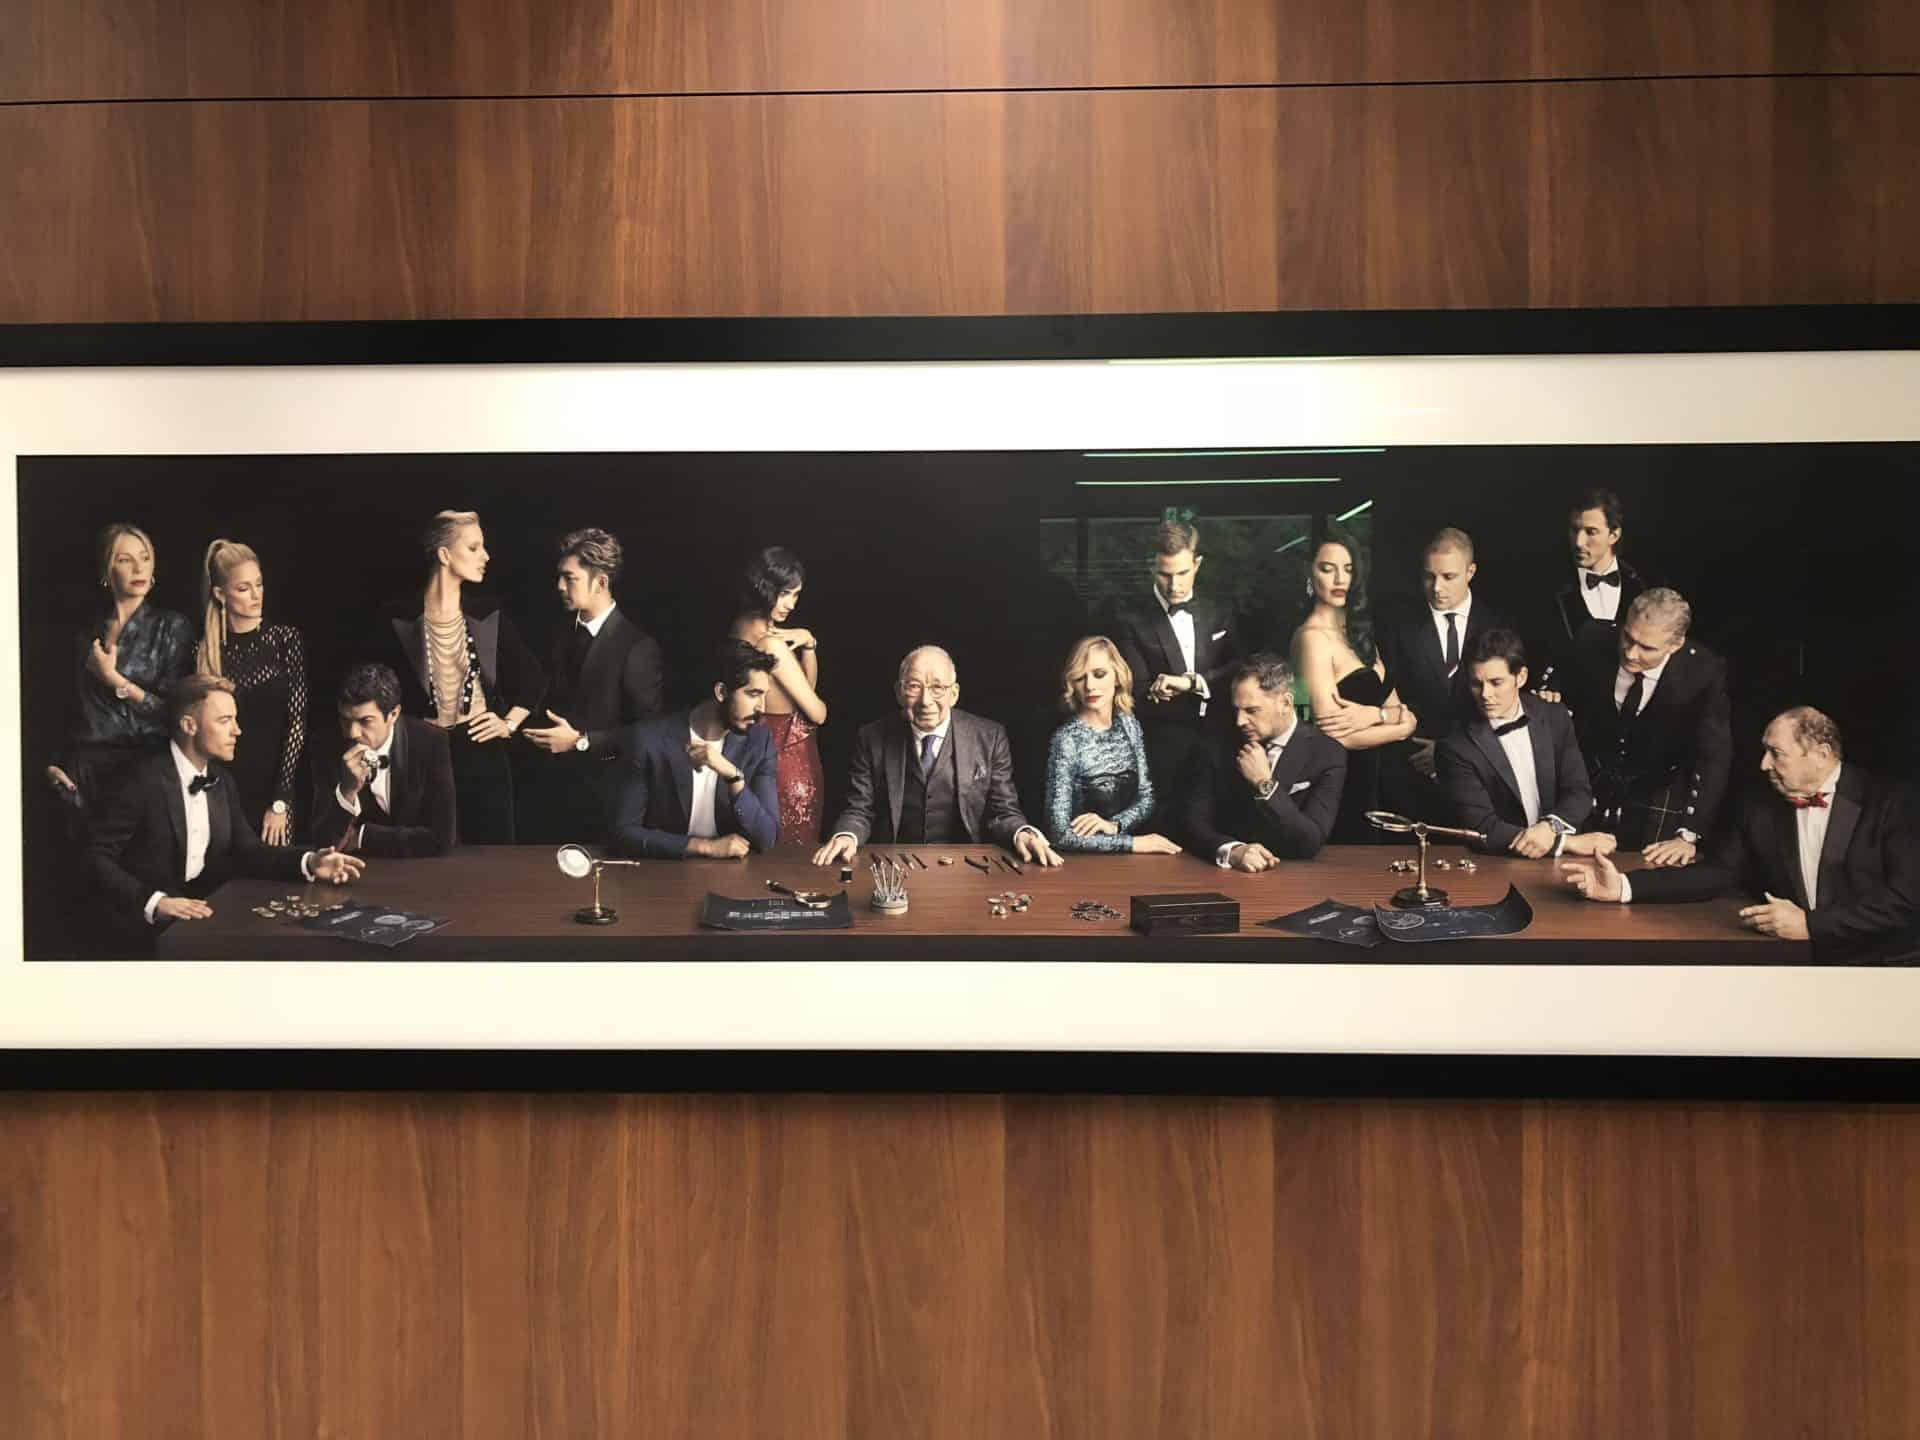 Als wäre es ein Gemälde von Leonardo da Vinci: Wichtige Menschen rund um die Marke und Geschichte von IWC